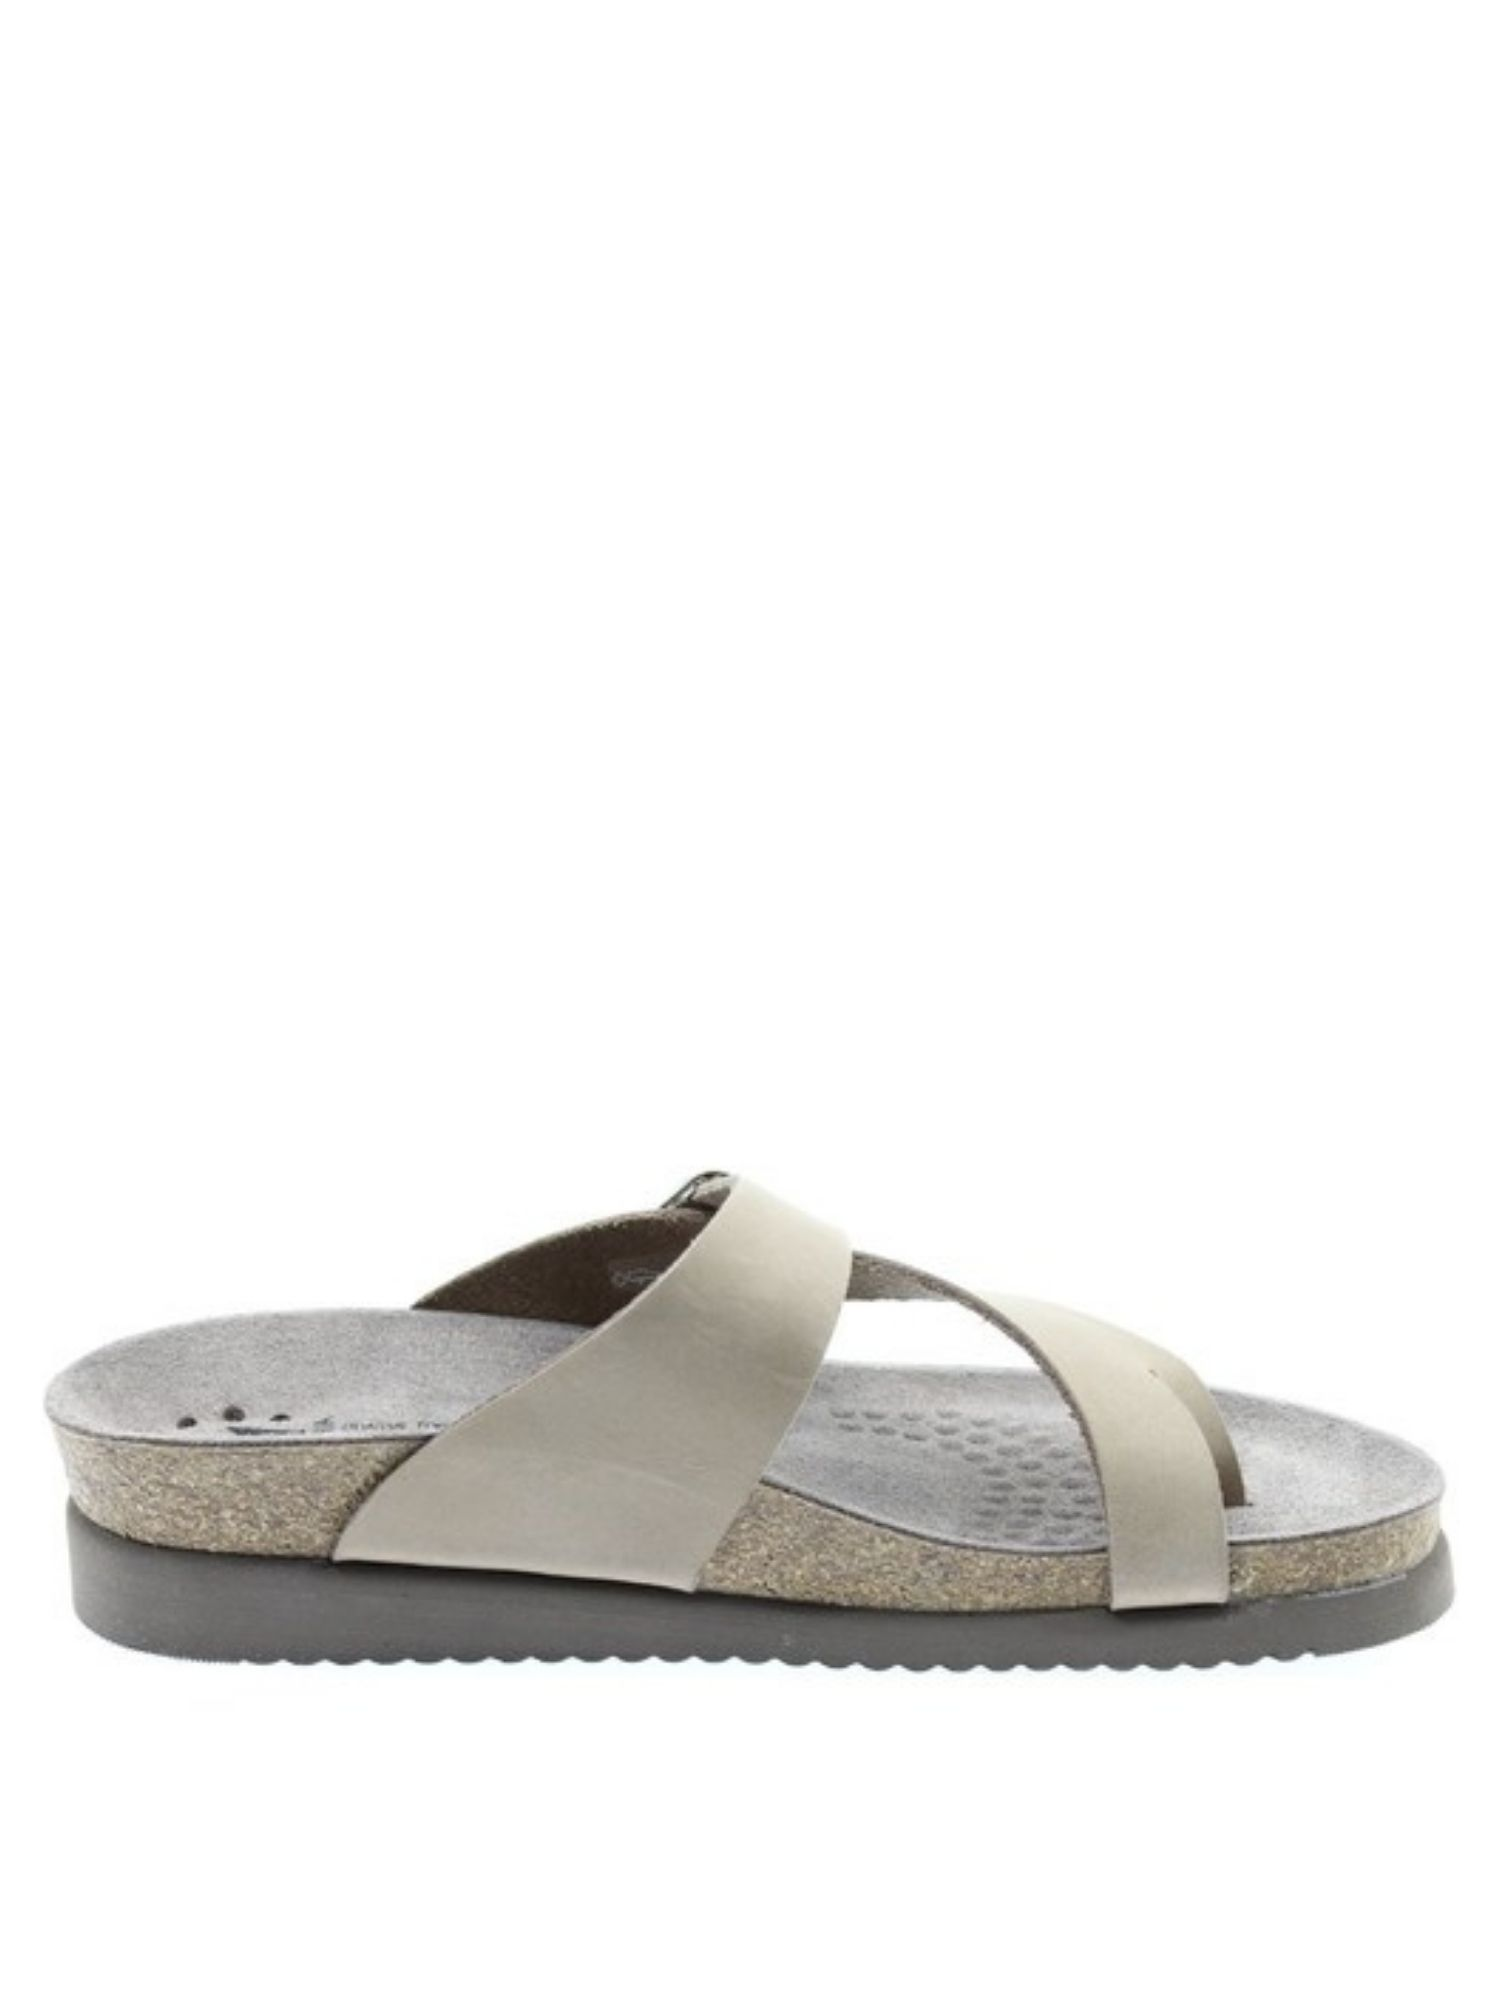 Sandalo Mephisto Helen Light taupe 1